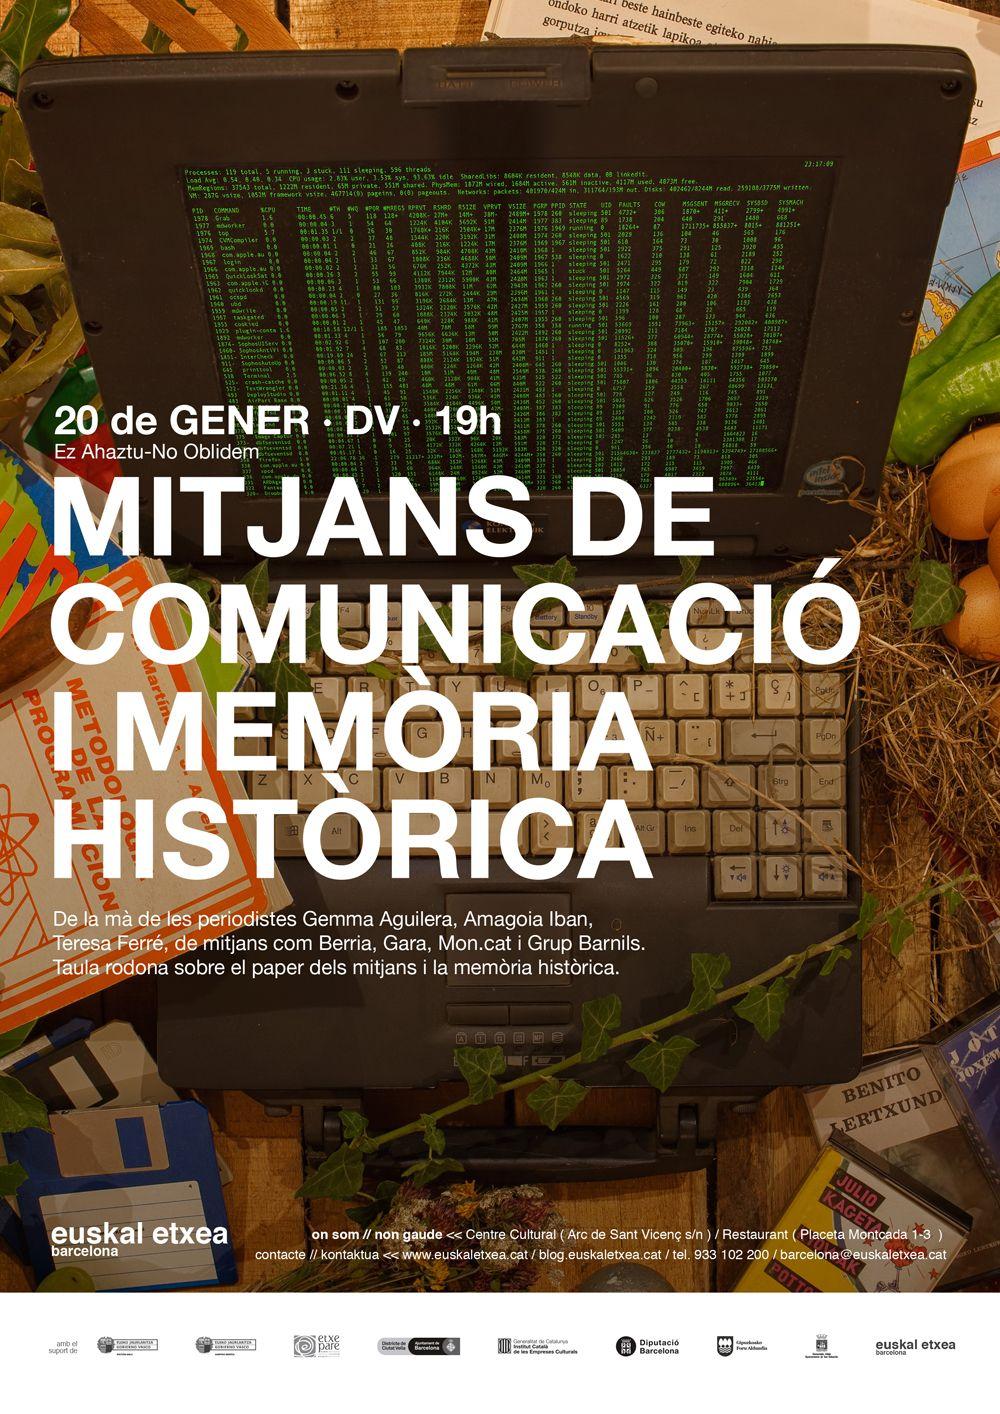 Mitjans de comunicació i memòria històrica @ Euskal Etxea Barcelona